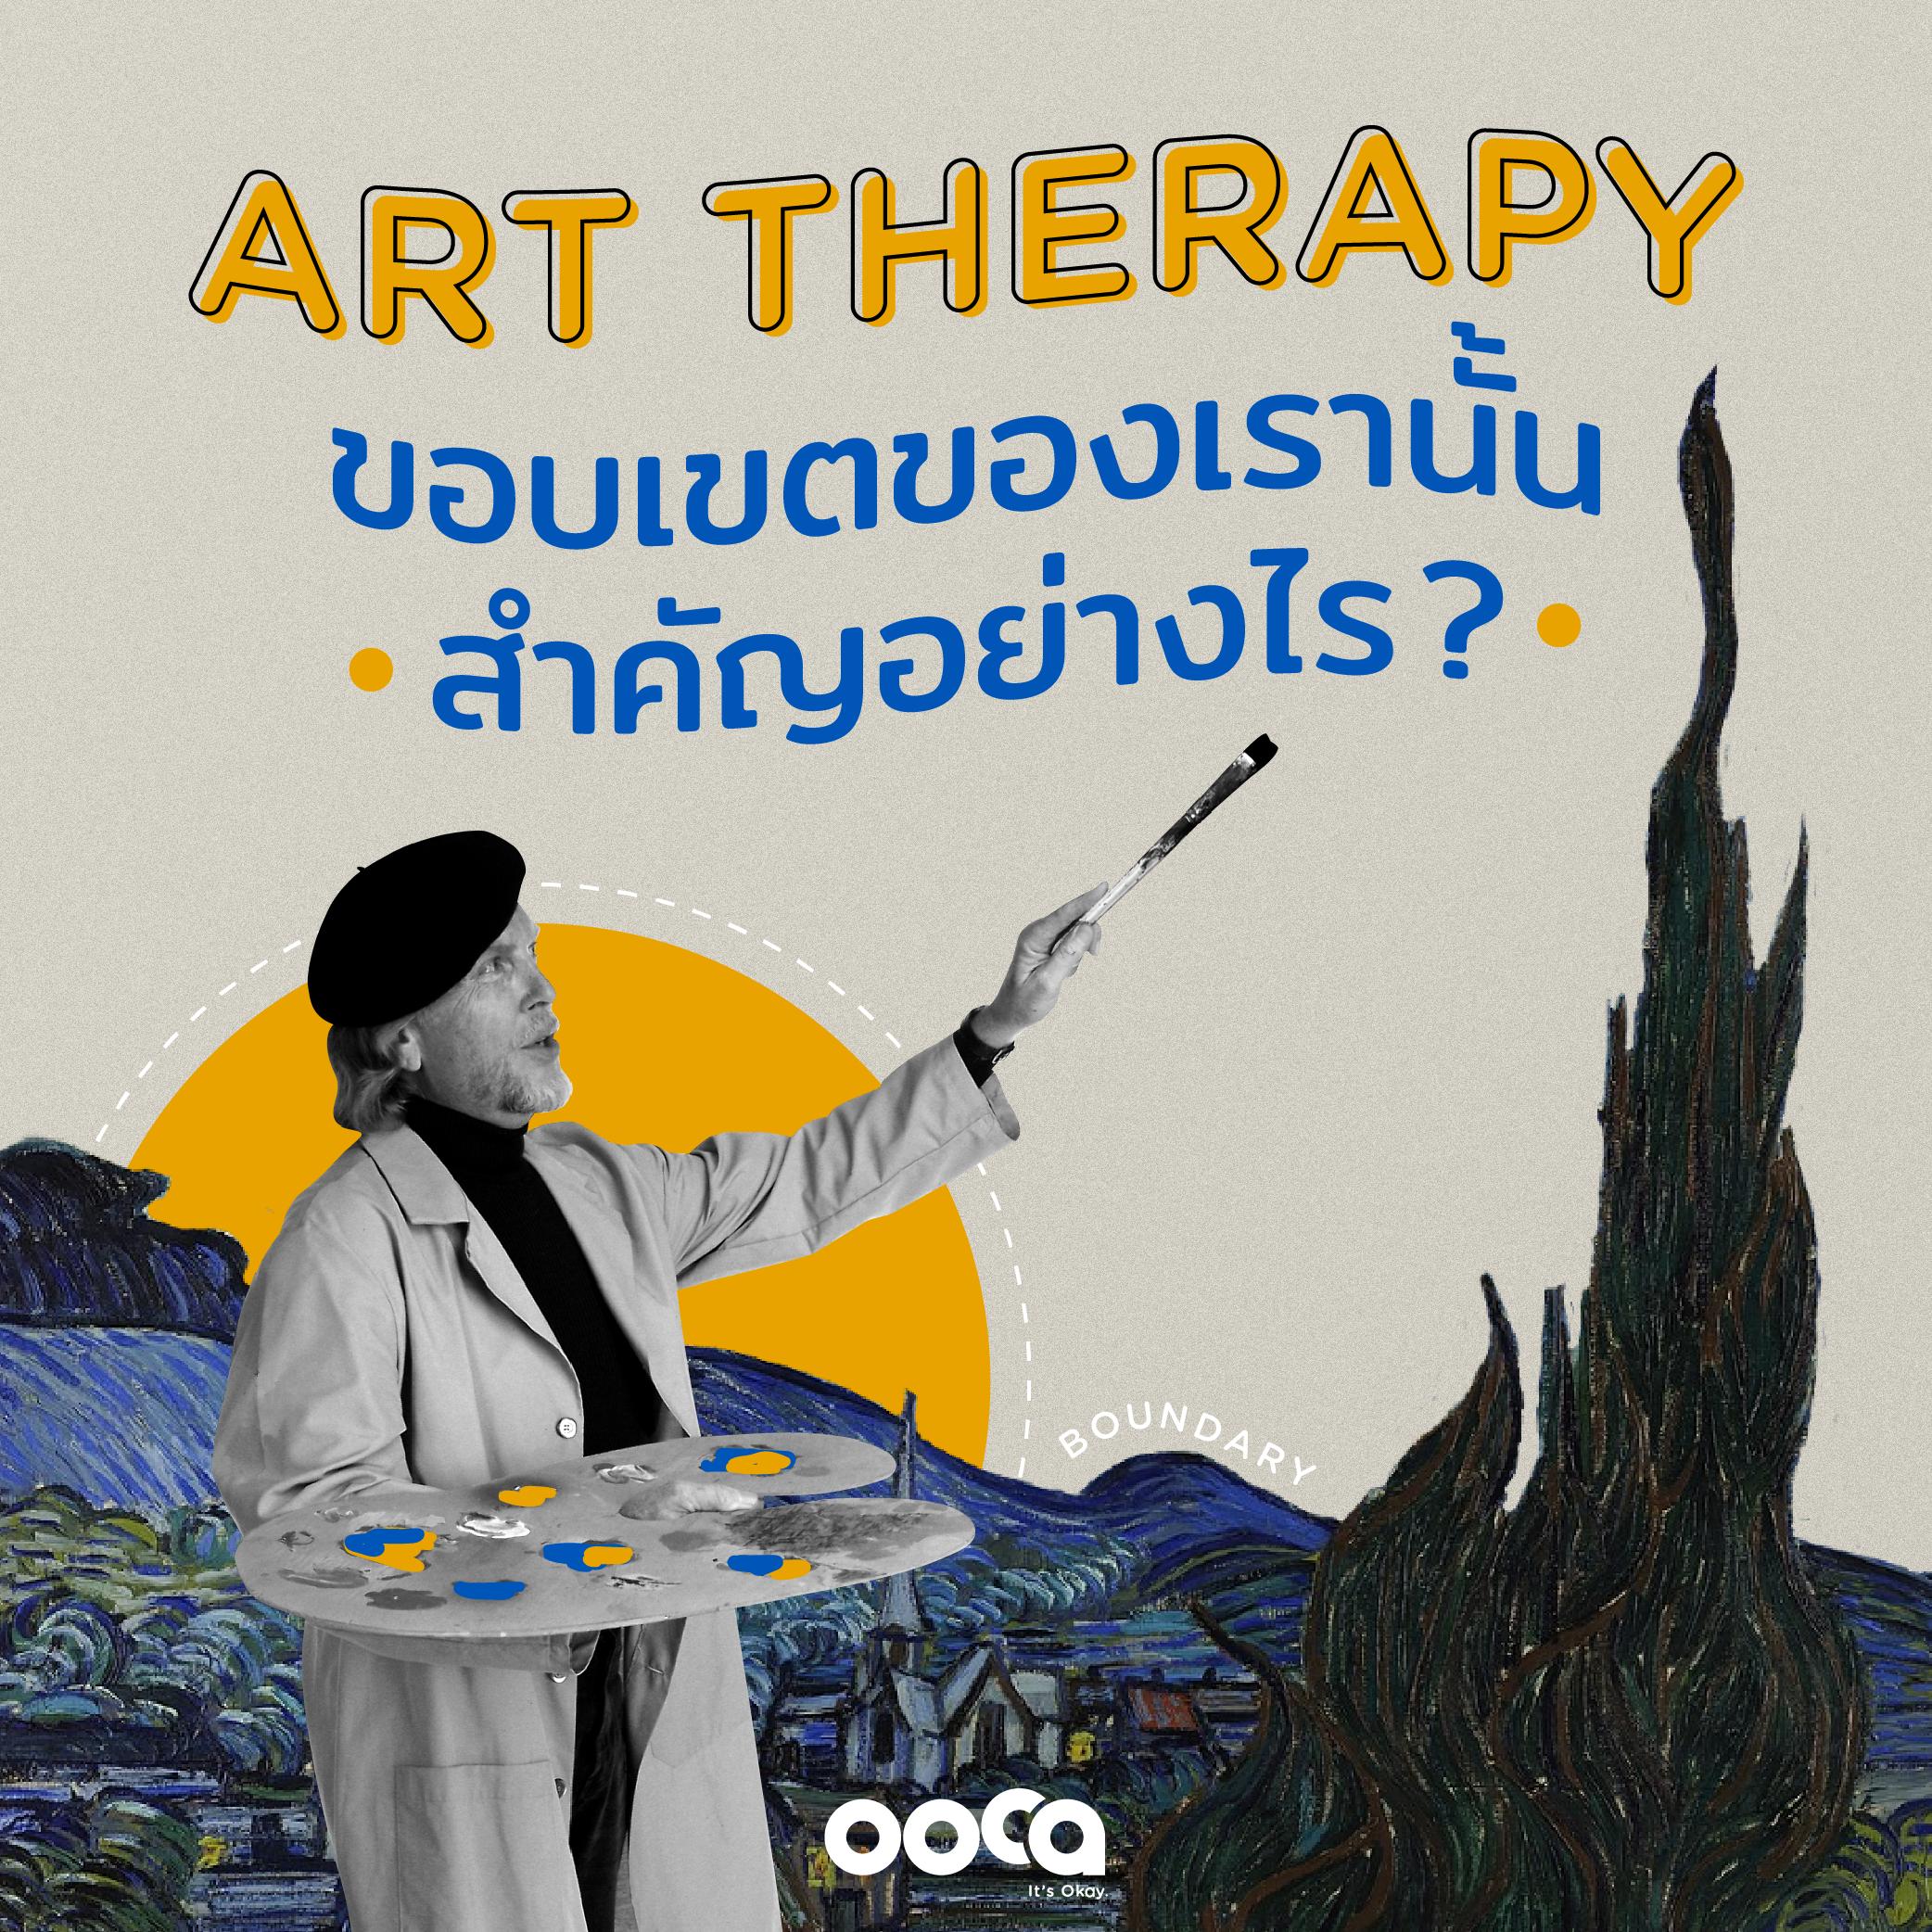 ศิลปะบำบัด art therapy